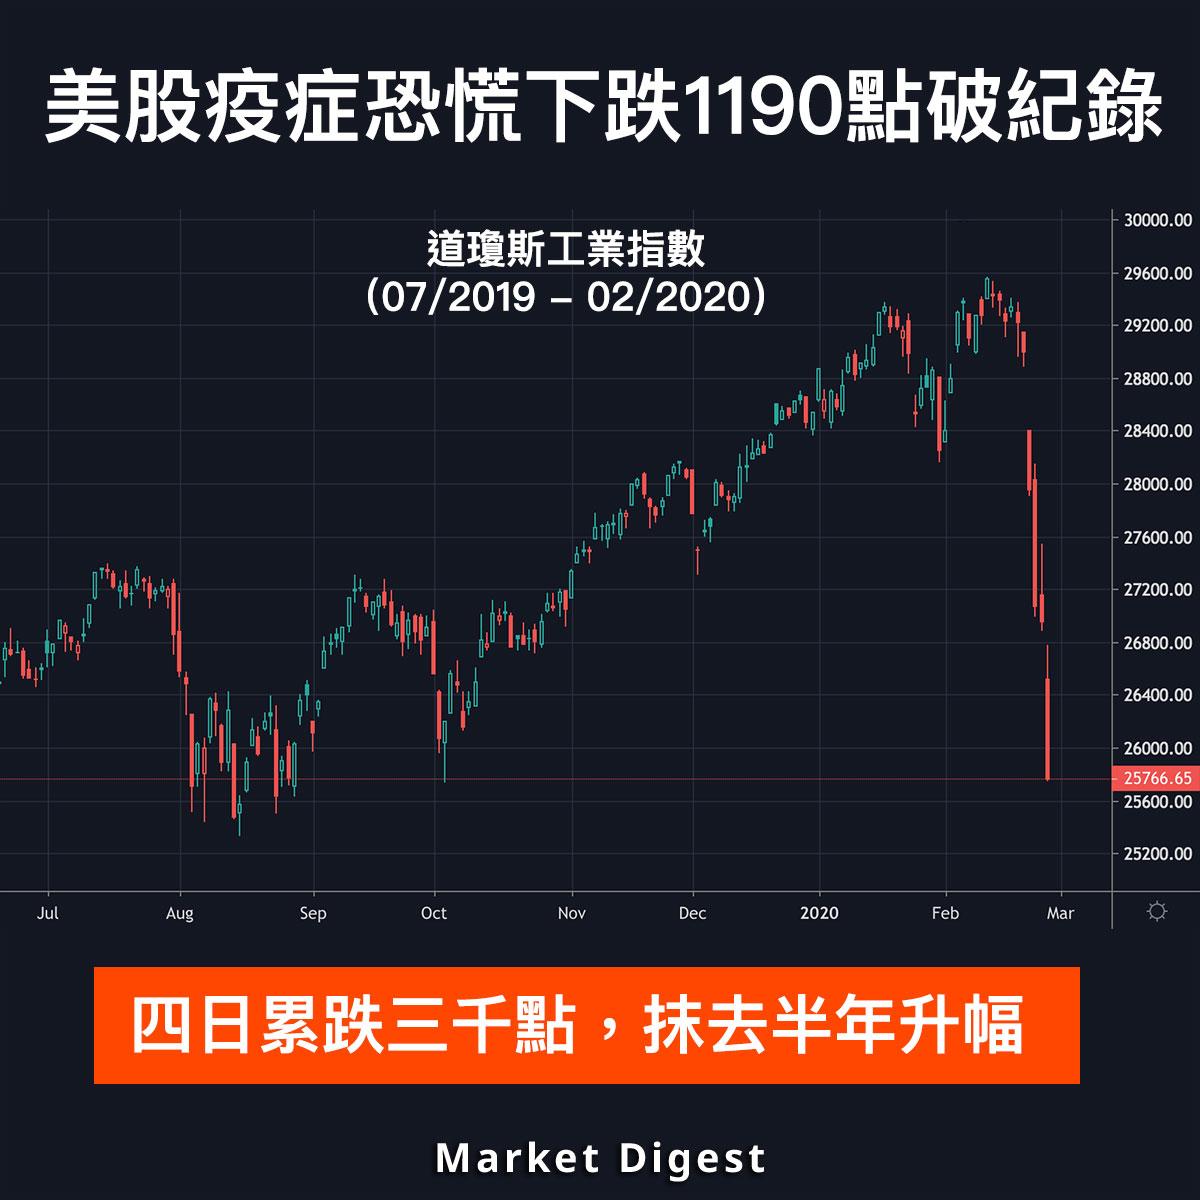 【市場熱話】美股疫症恐慌下跌1190點破紀錄,一週抹去半年升幅